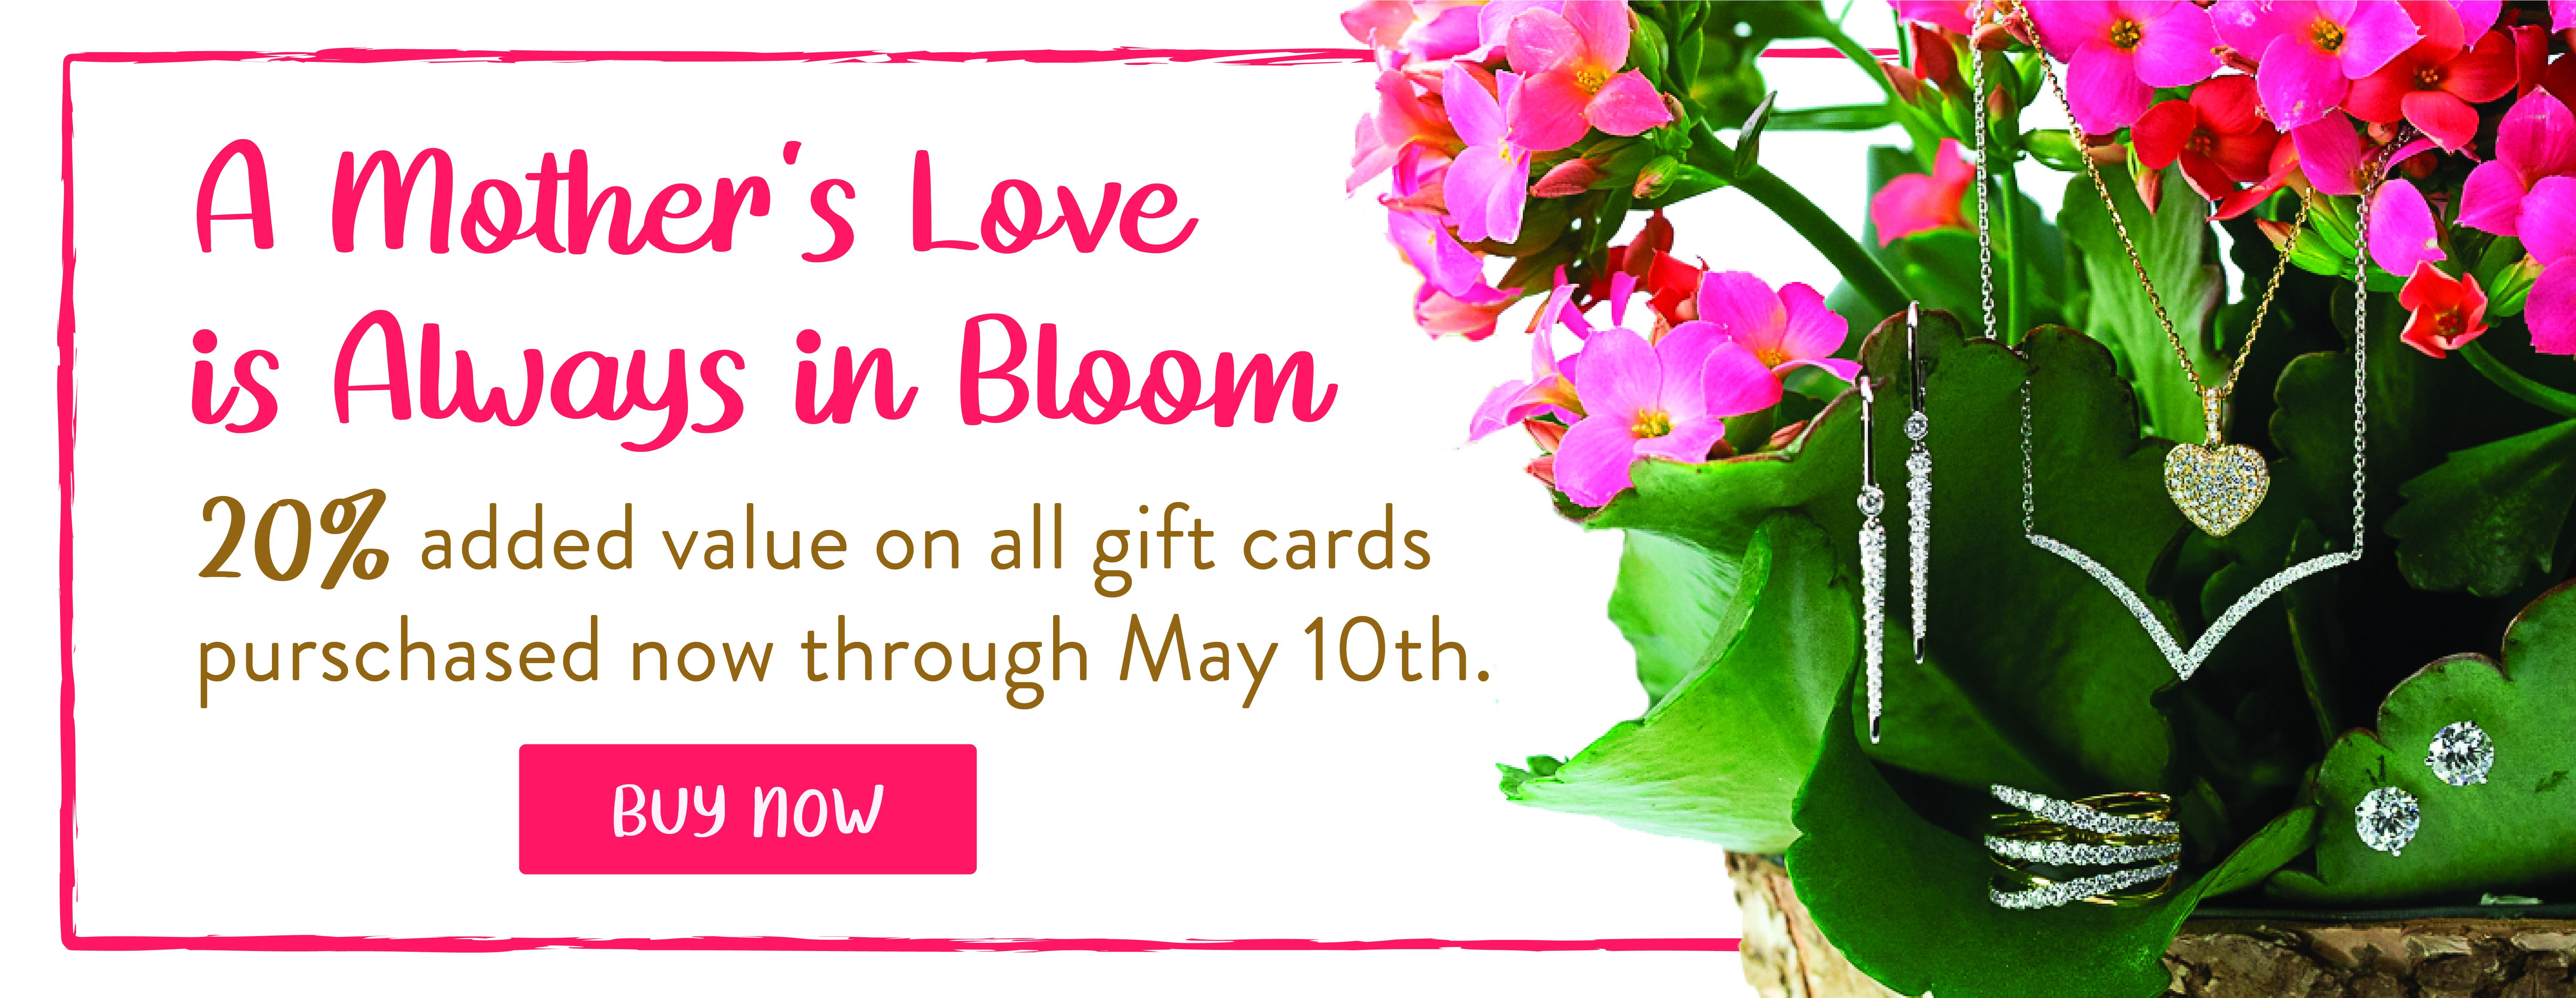 MothersDay_Flowers_Old Website Banner (1)